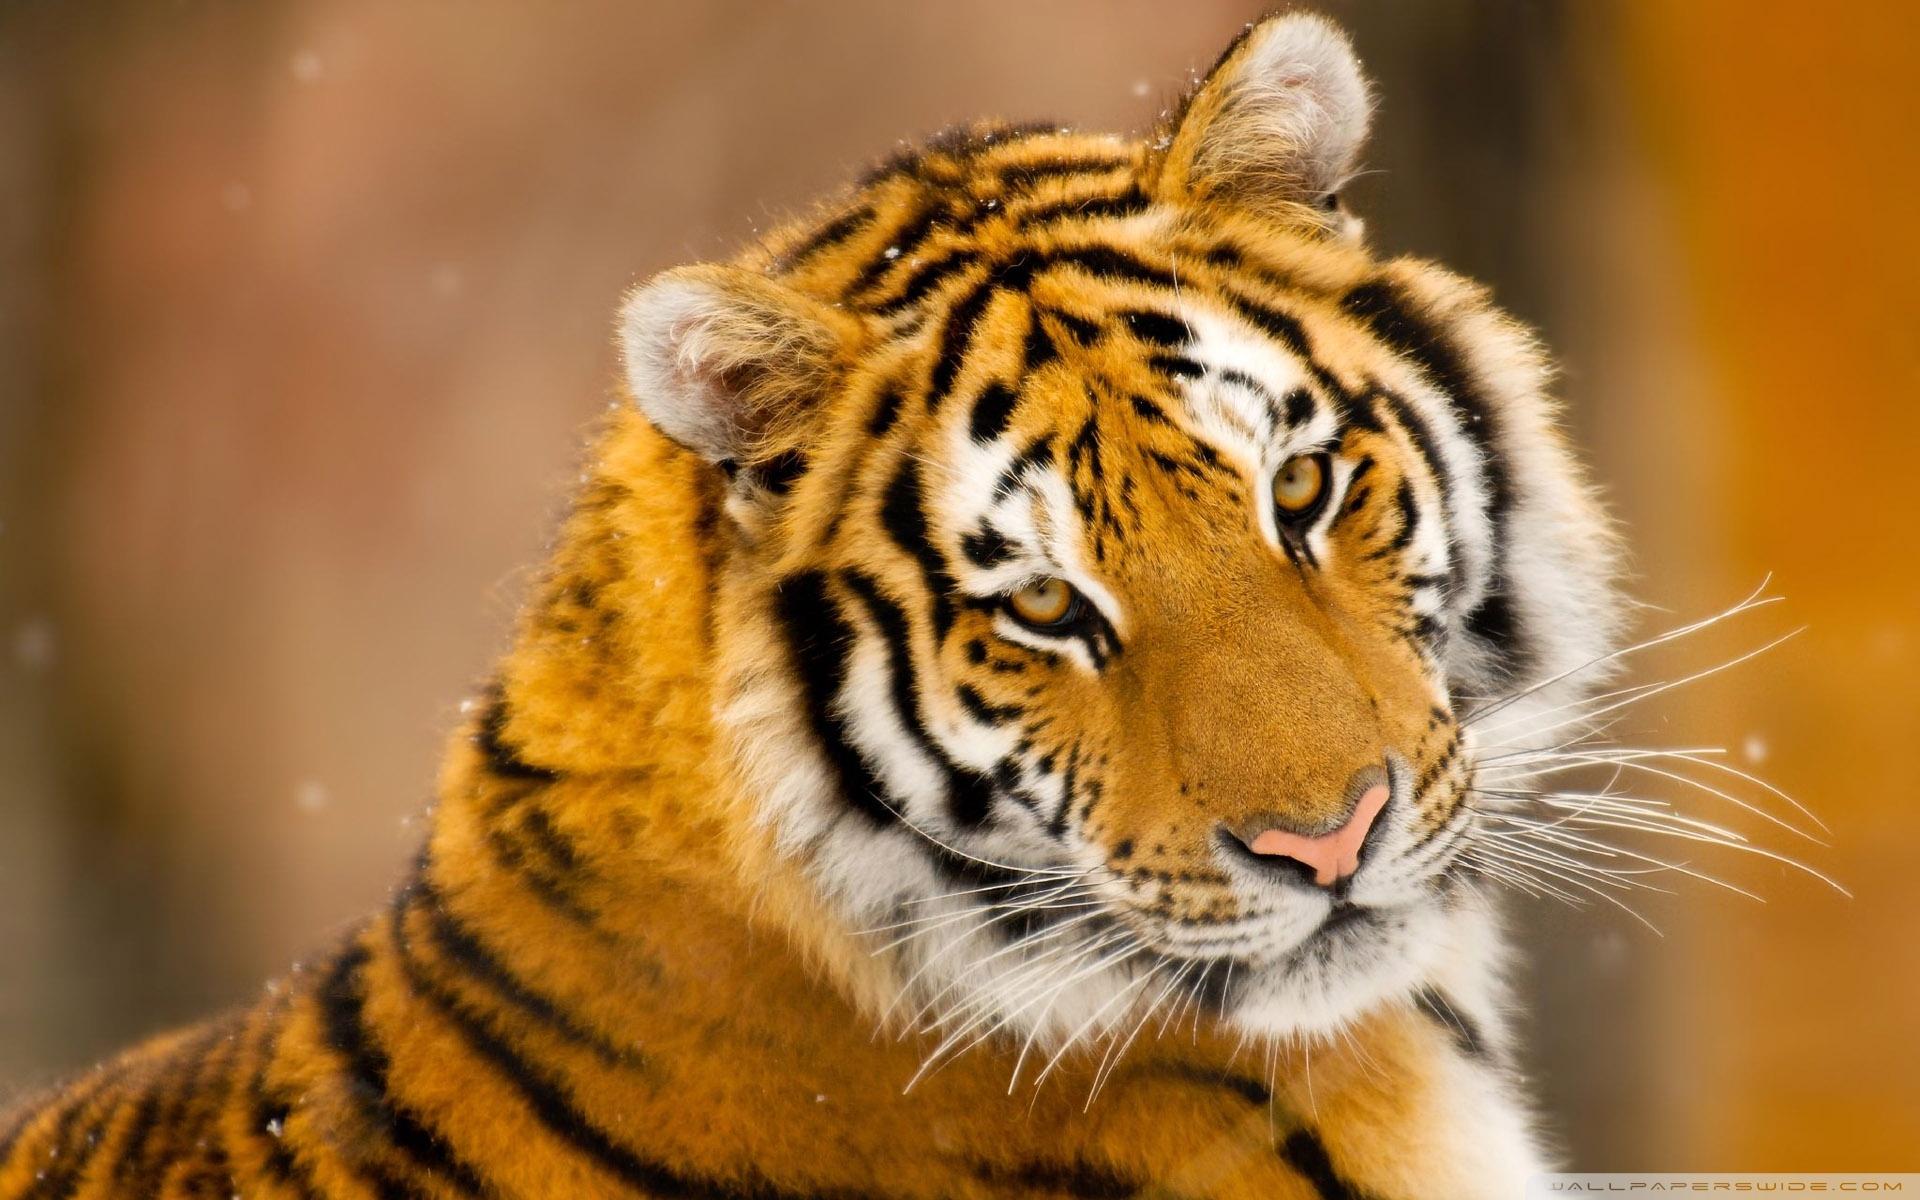 siberian tiger wild animal ❤ uhd desktop wallpaper for ultra hd